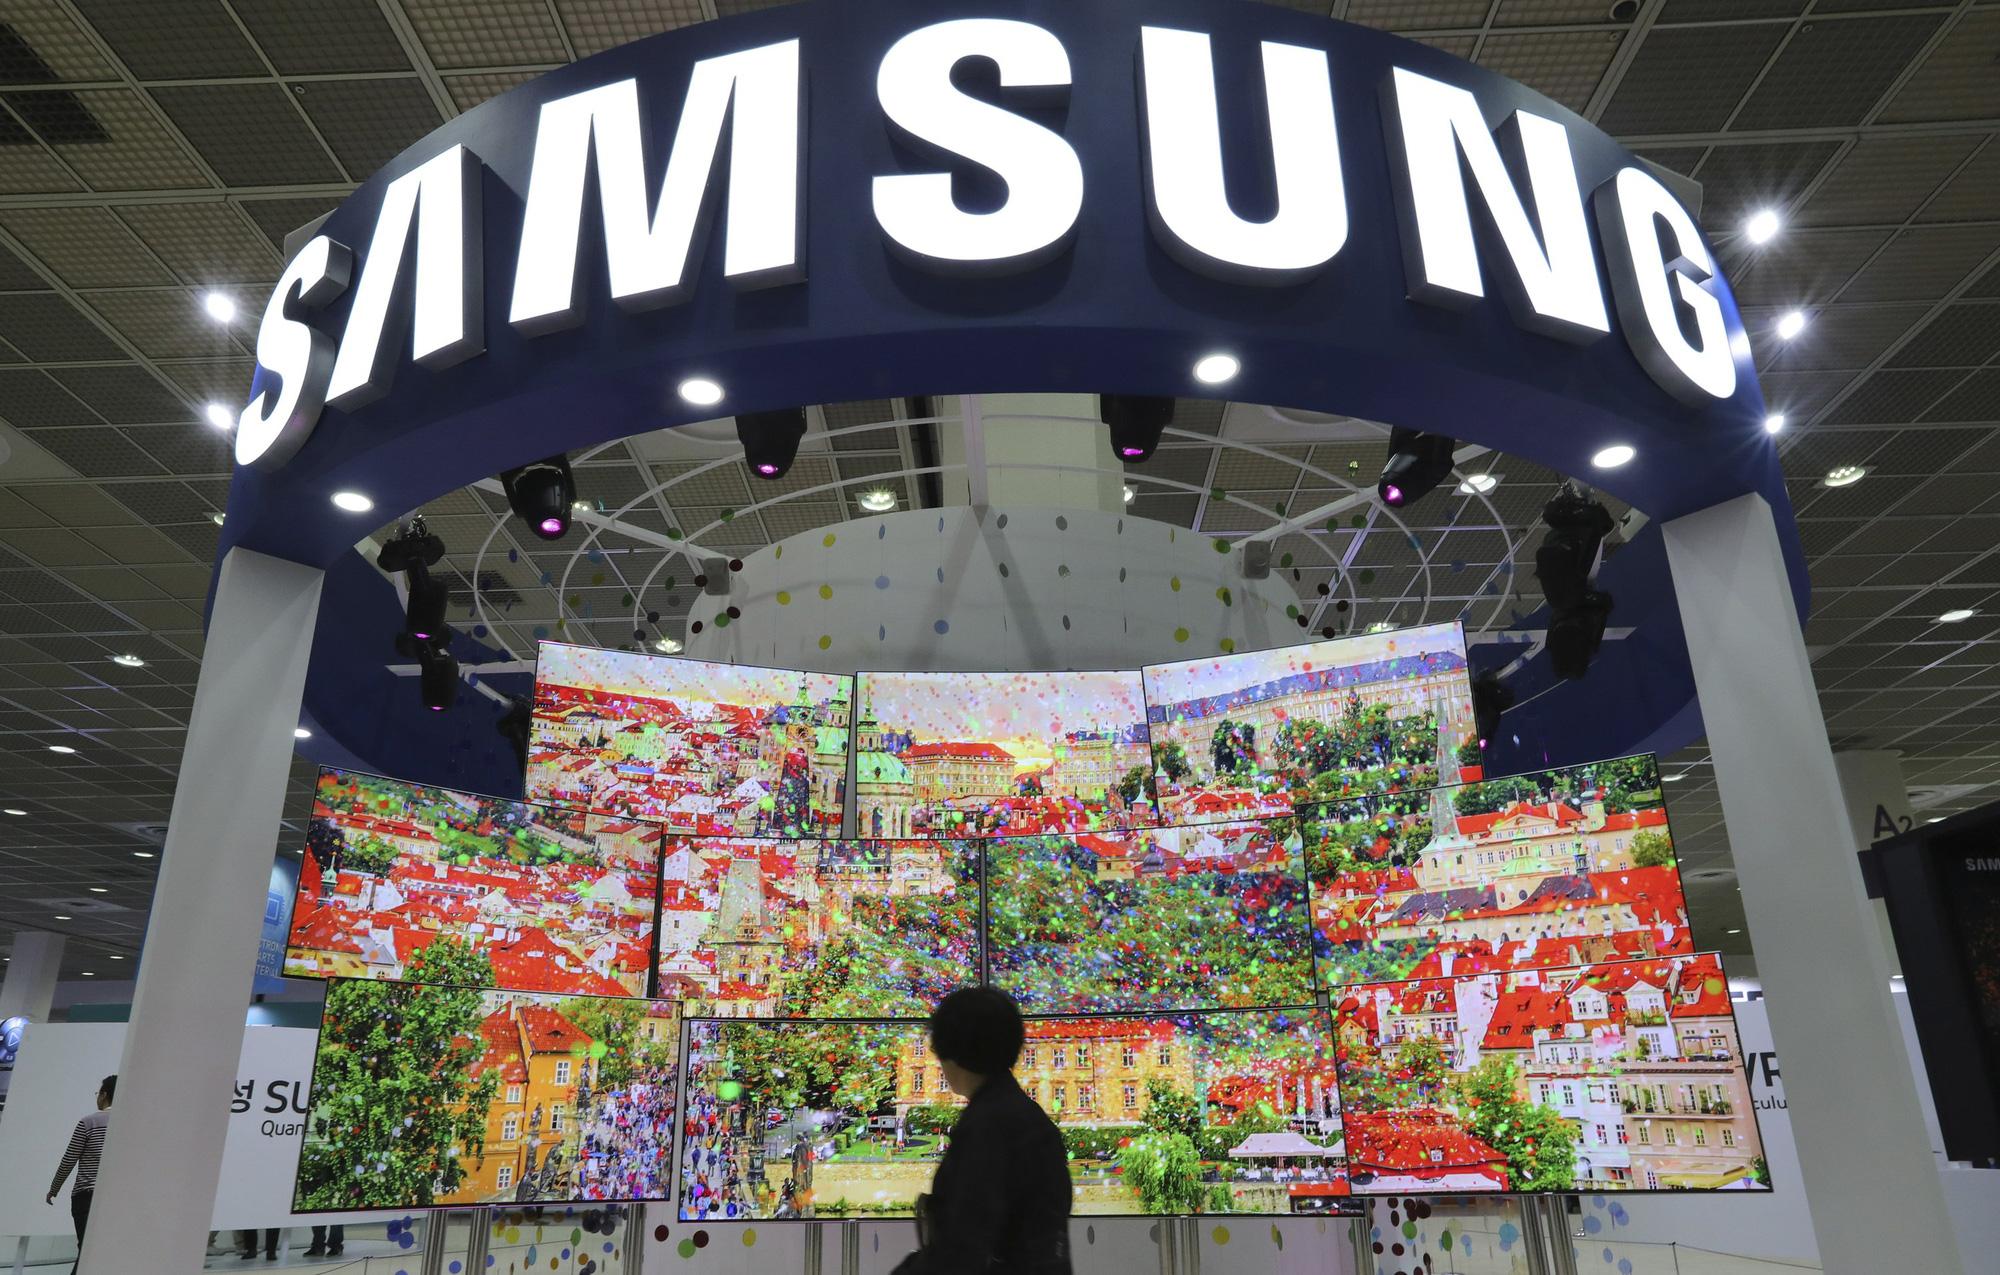 Khoản đầu tư đến năm 2023 sẽ giúp củng cố vị thế toàn cầu của tập đoàn Samsung trong các ngành công nghiệp then chốt. Ảnh: @AFP.